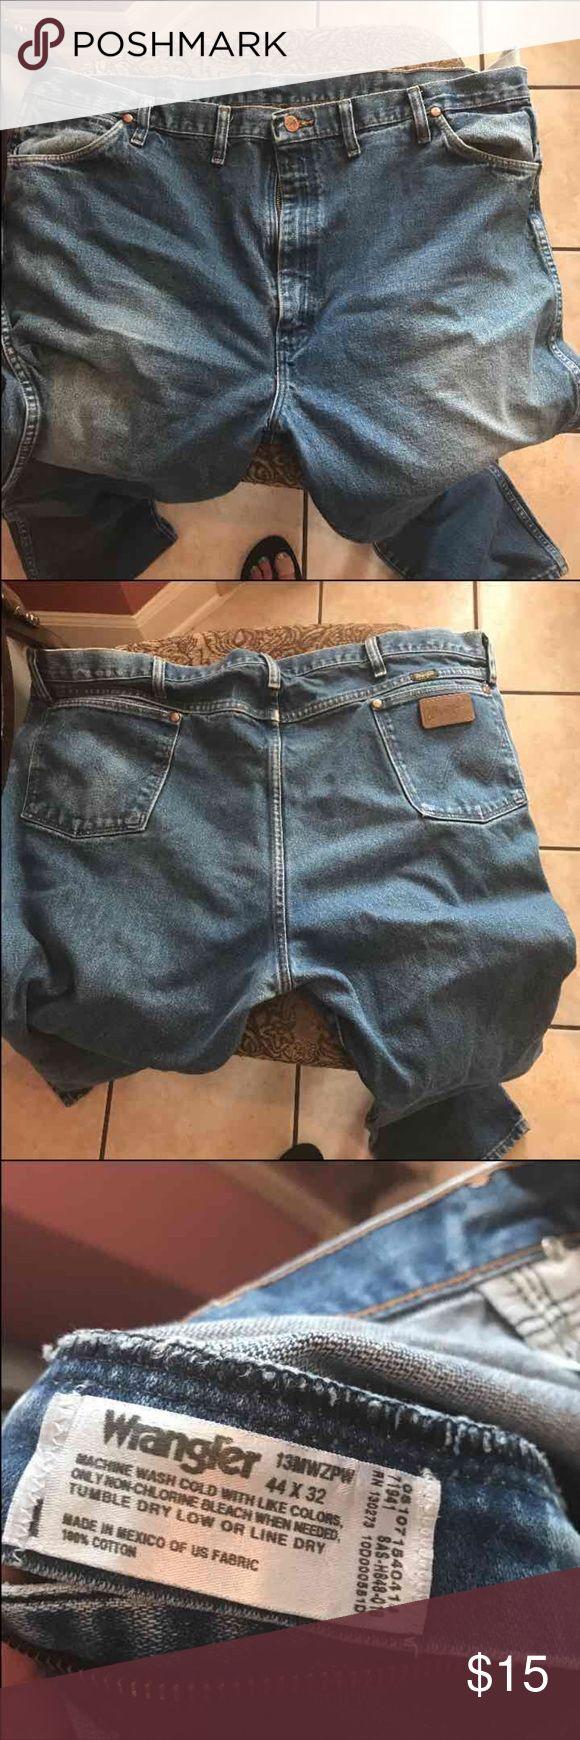 Wrangler jeans Gently used Wrangler Jeans Straight